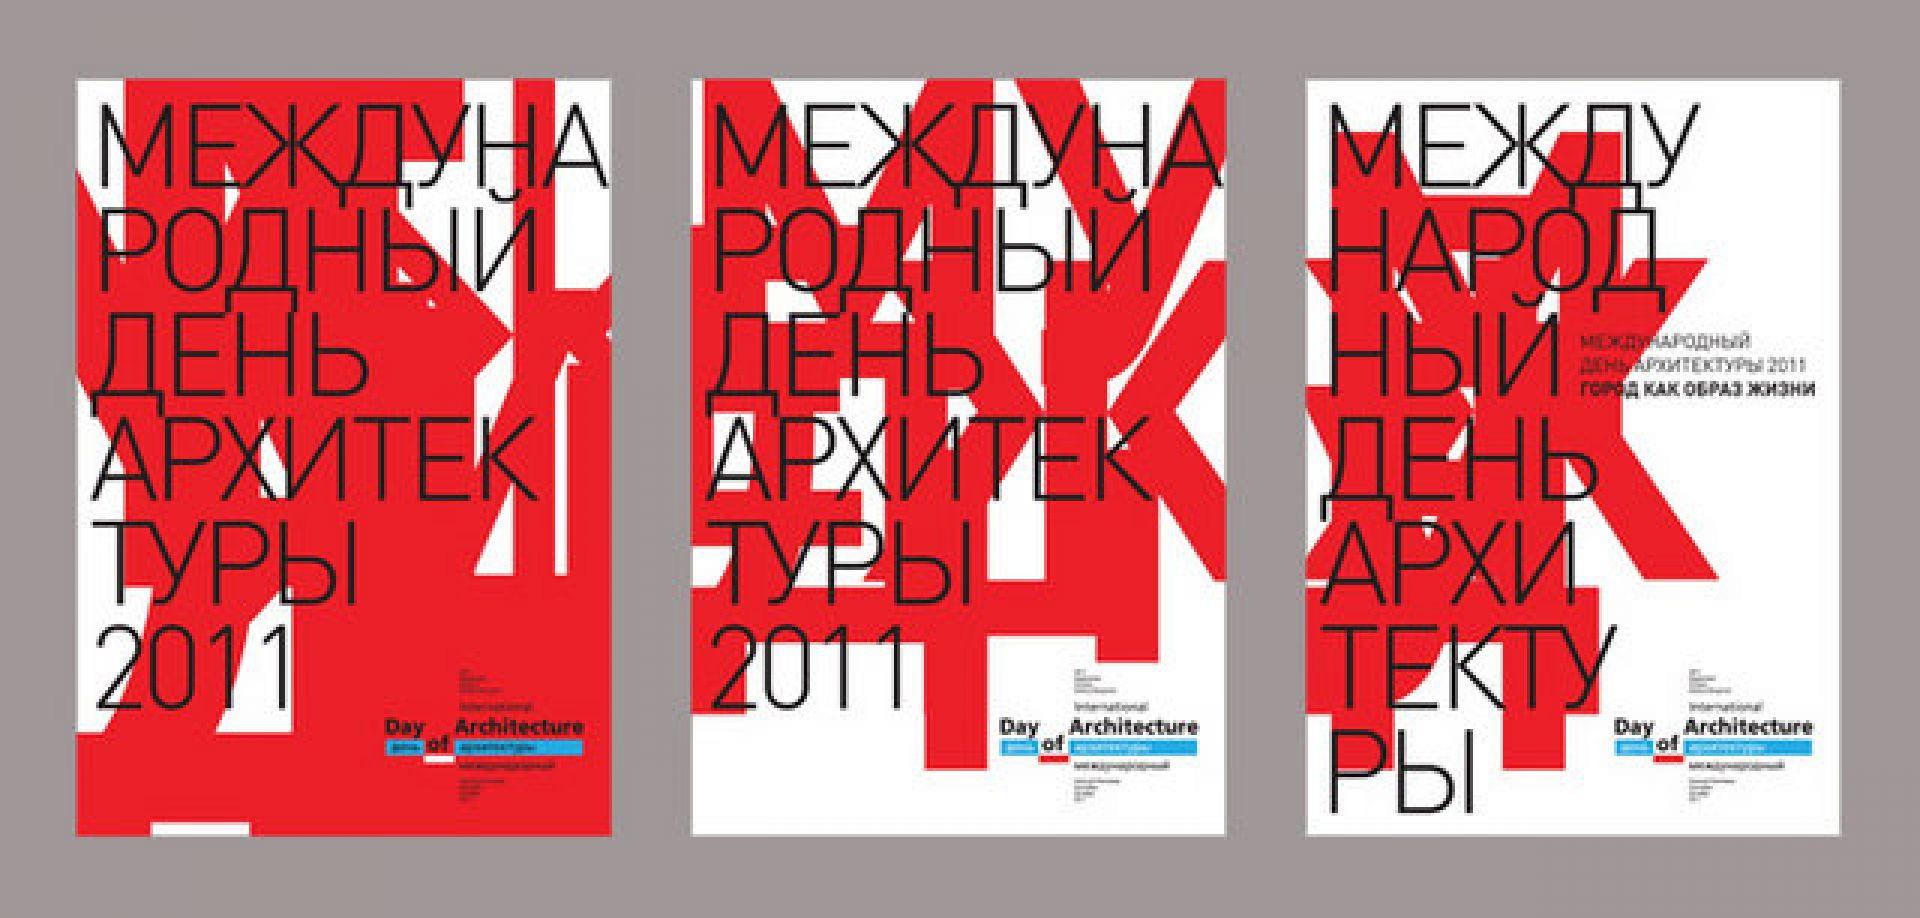 Выставка проекта АРХИWOOD приняла участие в фестивале архитектуры в Нижнем Новгороде